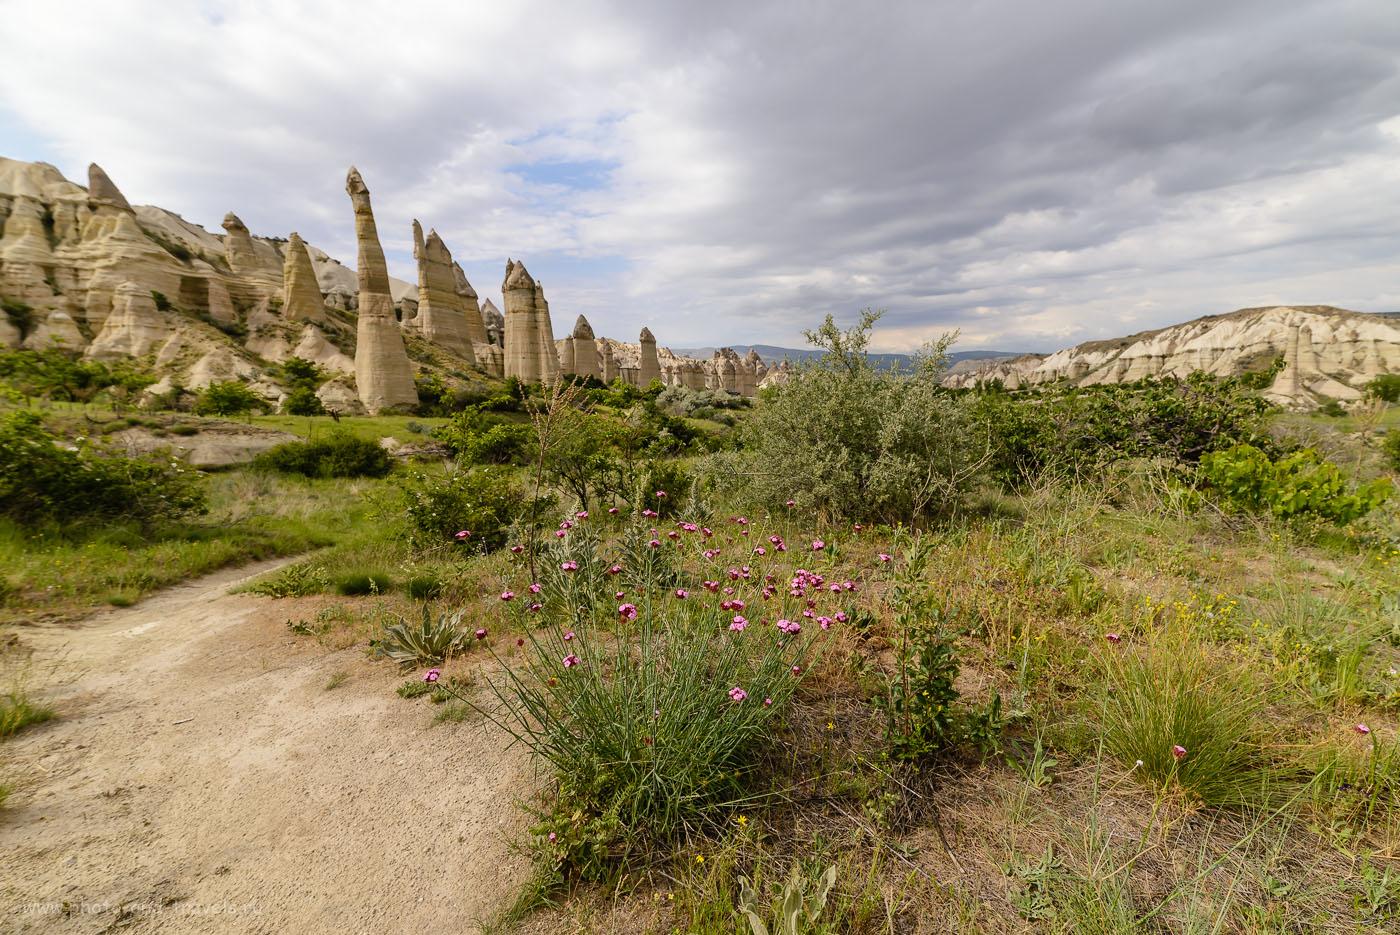 Фотография 40. Весенние цветы в Долине Любви (Love Valley) в Каппадокии. Отдохнуть в Турции можно здесь. 1/400, -1.0, 8.0, 100, 14.